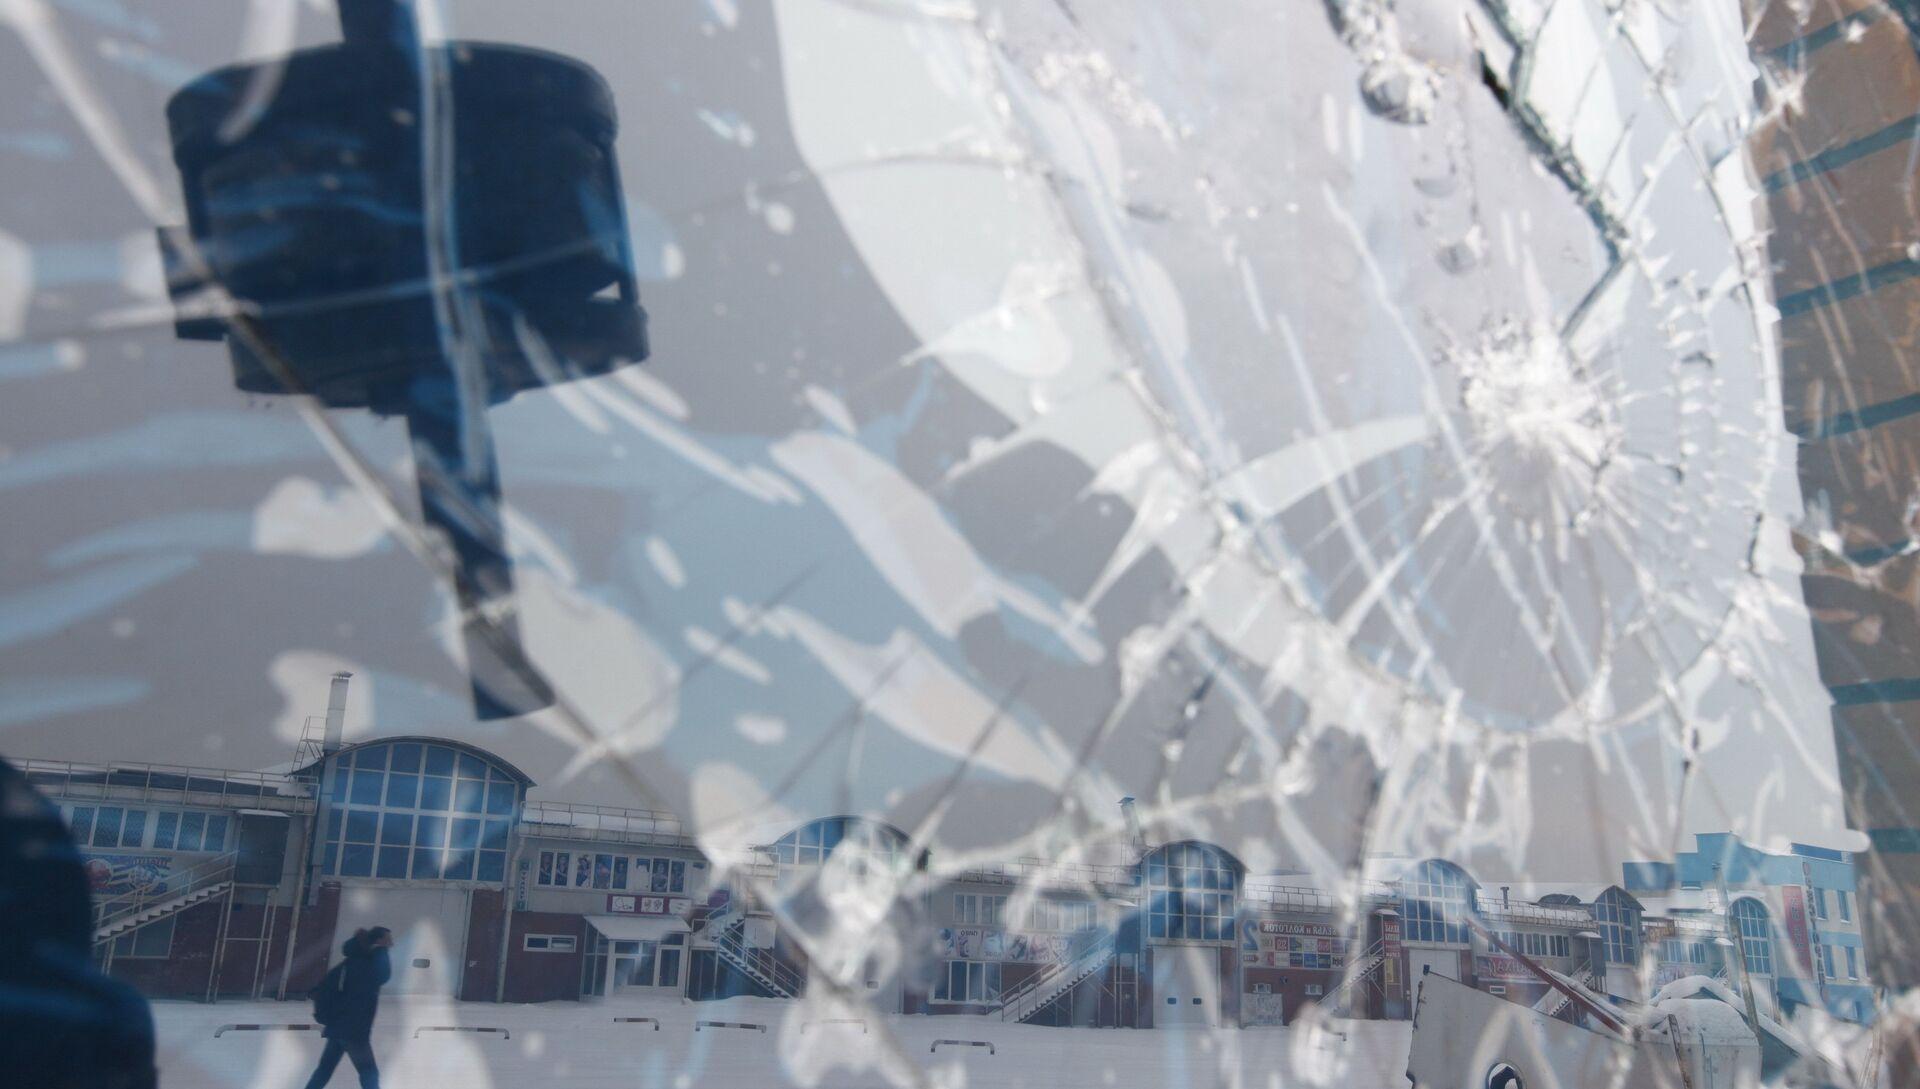 Ликвидация торговых рядов на бывшем Черкизовском рынке - РИА Новости, 1920, 03.10.2018